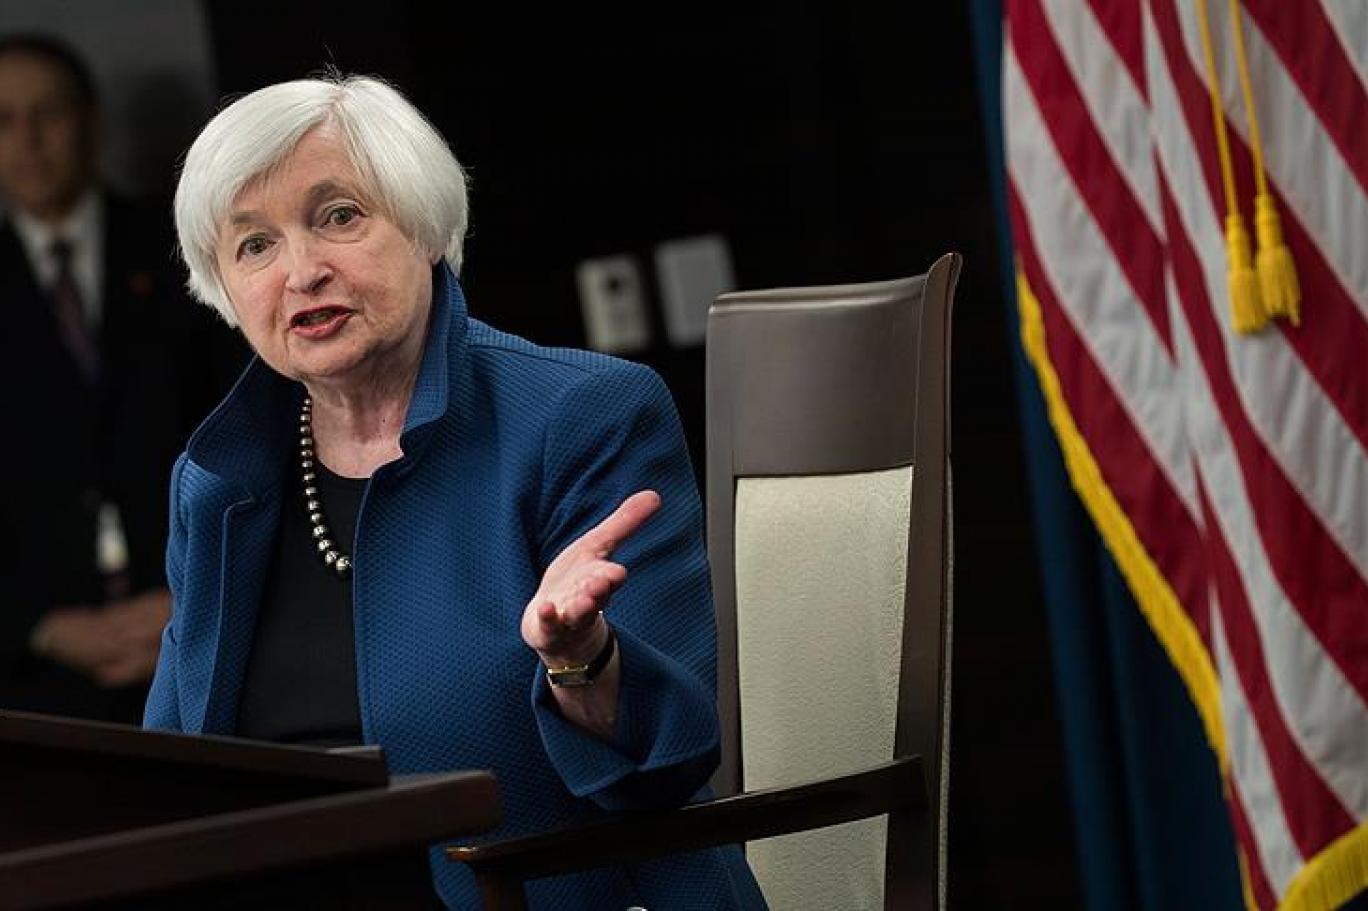 ABD Hazine Bakanı, Gizli Toplantıda Bu 2 Coin'i Konuştu!